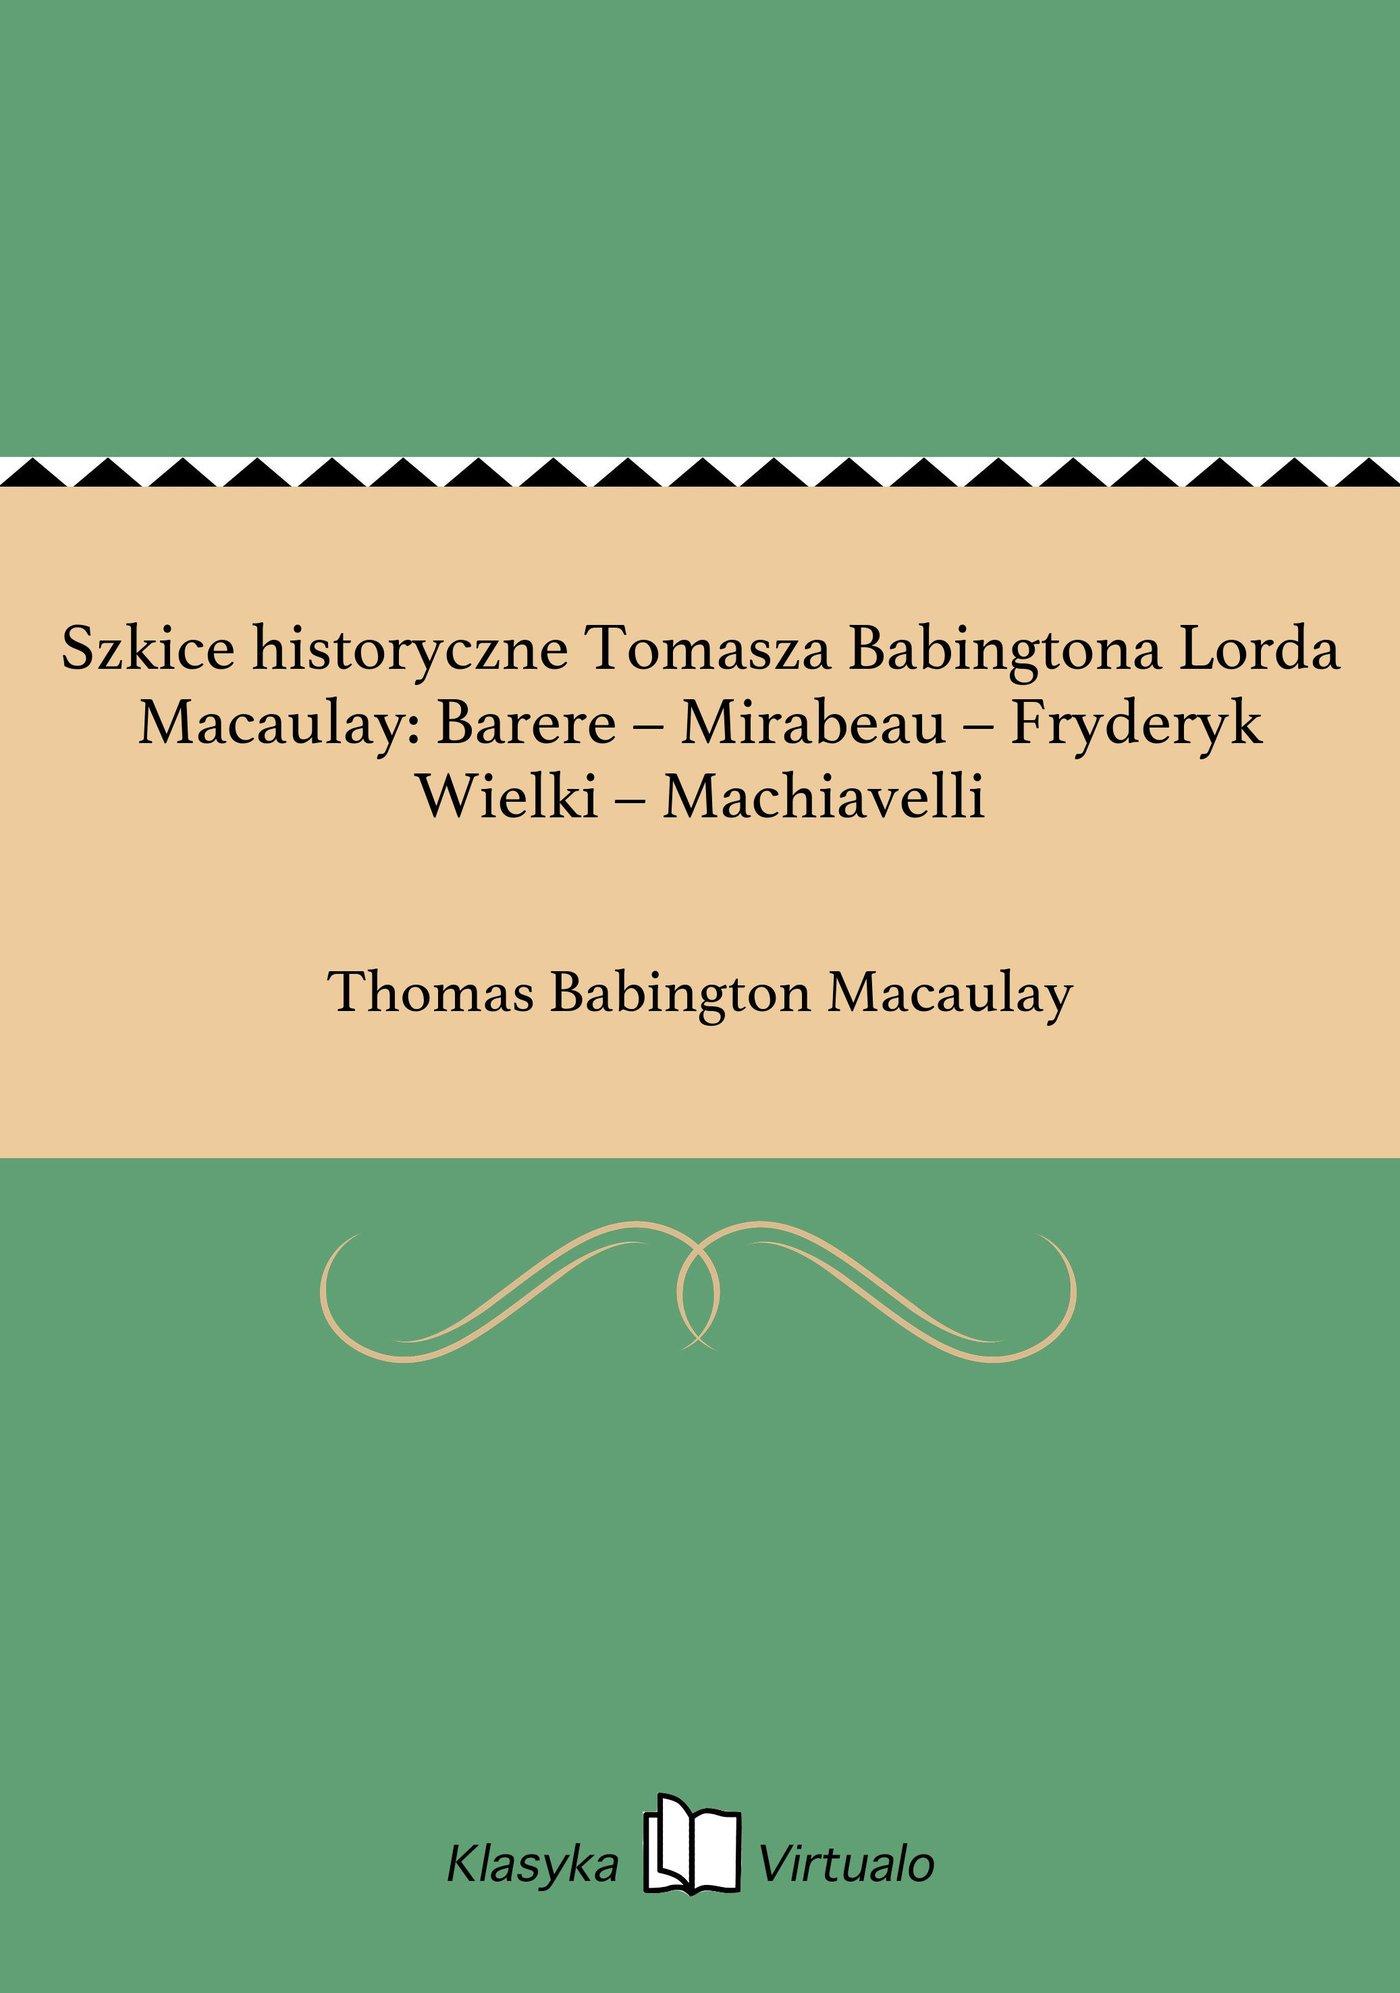 Szkice historyczne Tomasza Babingtona Lorda Macaulay: Barere – Mirabeau – Fryderyk Wielki – Machiavelli - Ebook (Książka EPUB) do pobrania w formacie EPUB